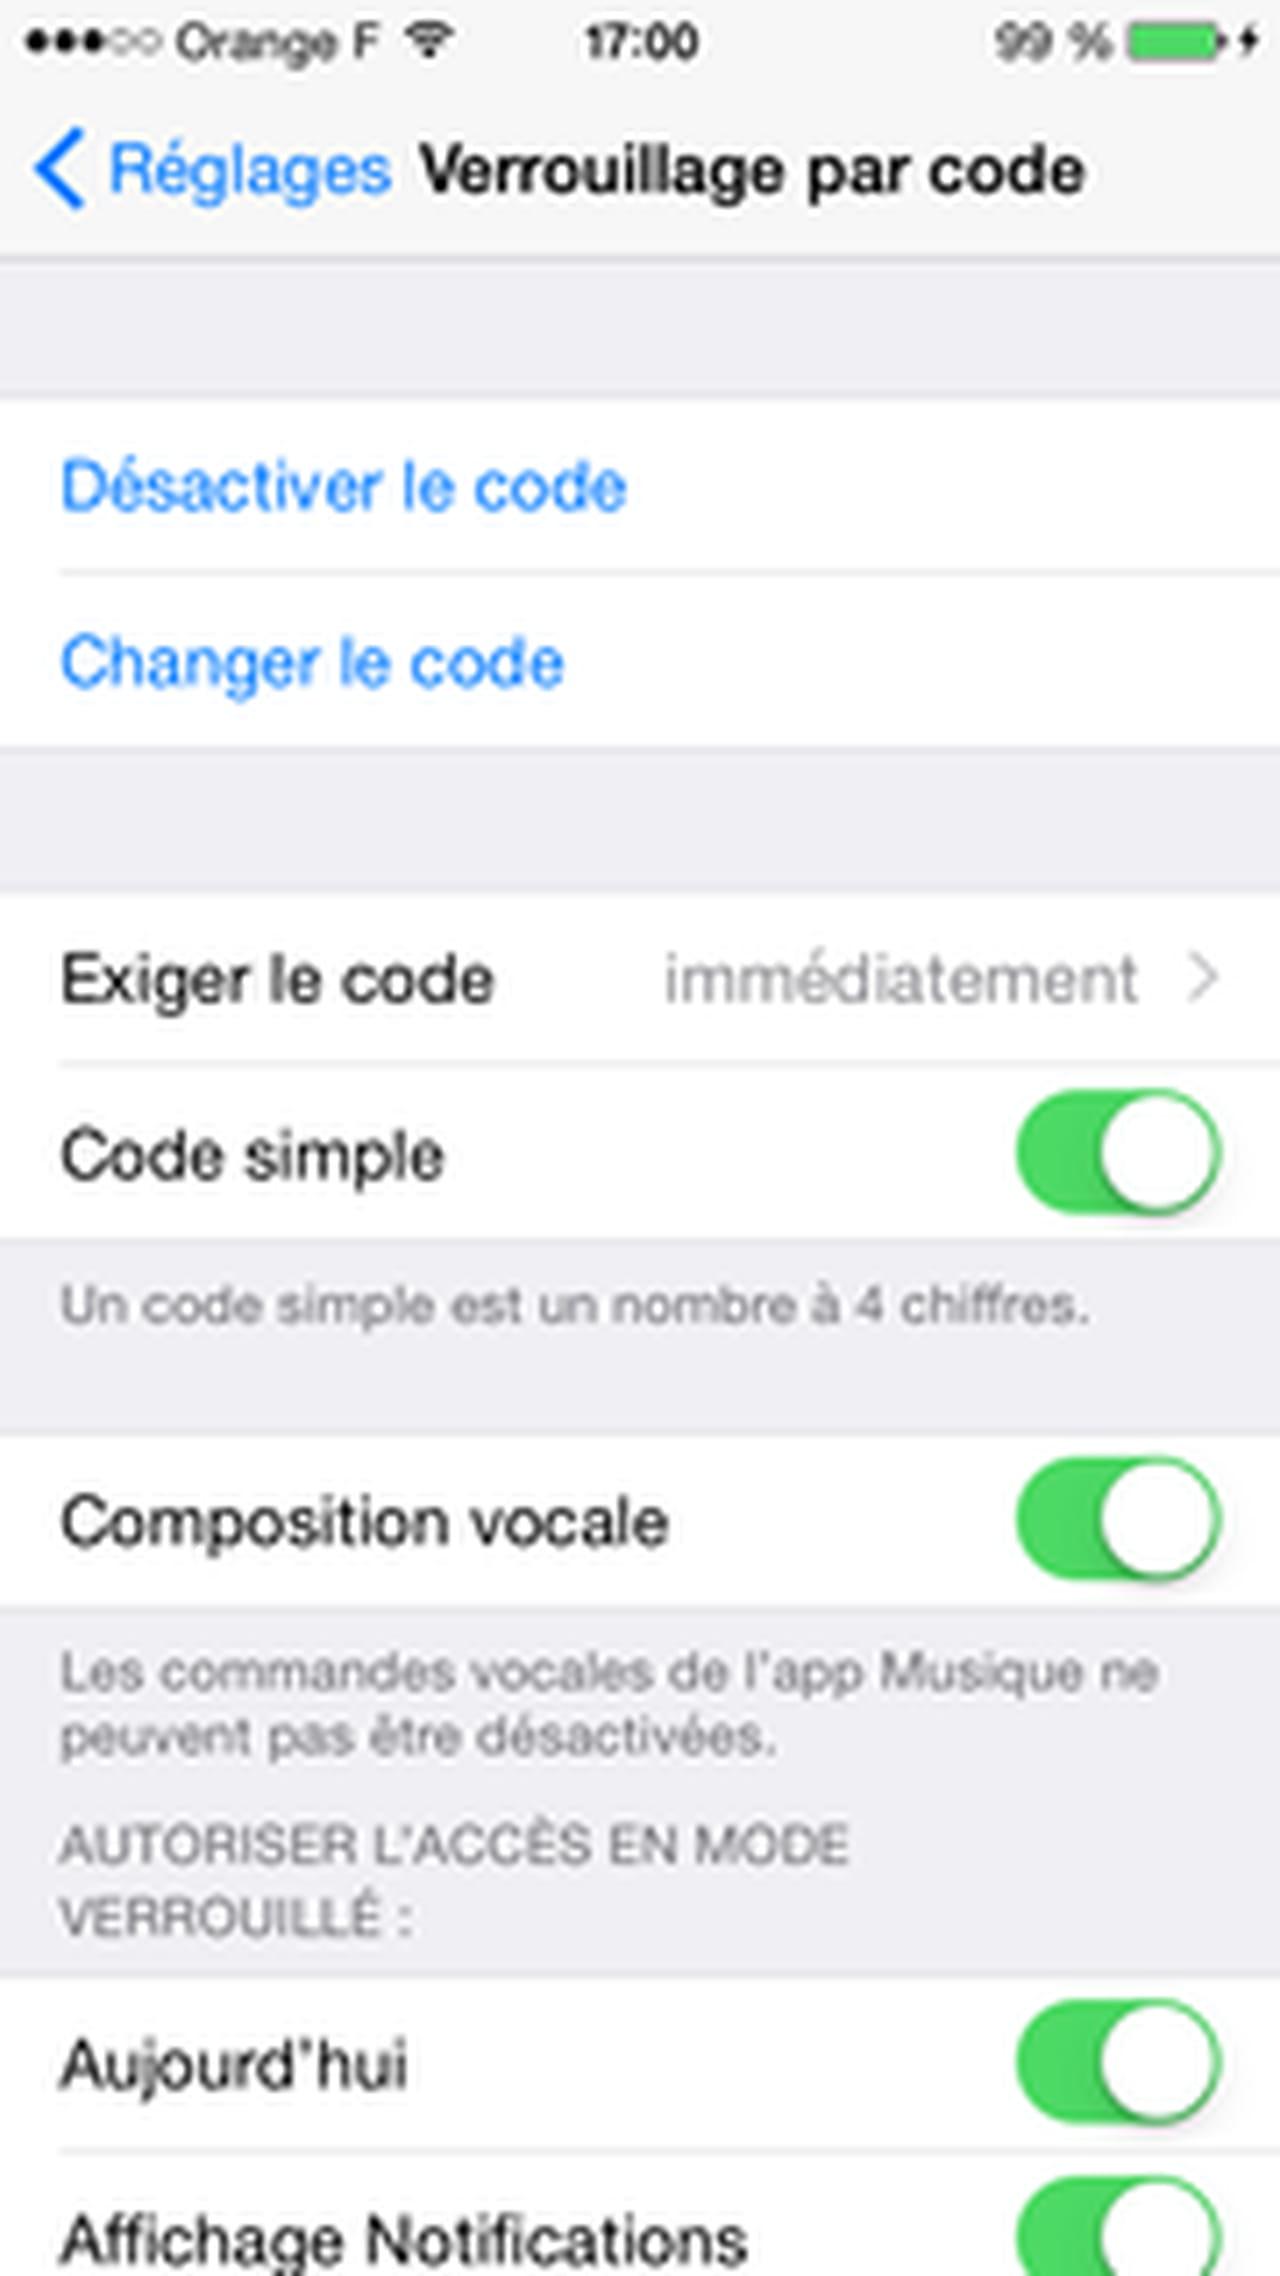 Comment changer son mot de passe sur iphone - Comment changer le code d un cadenas ...